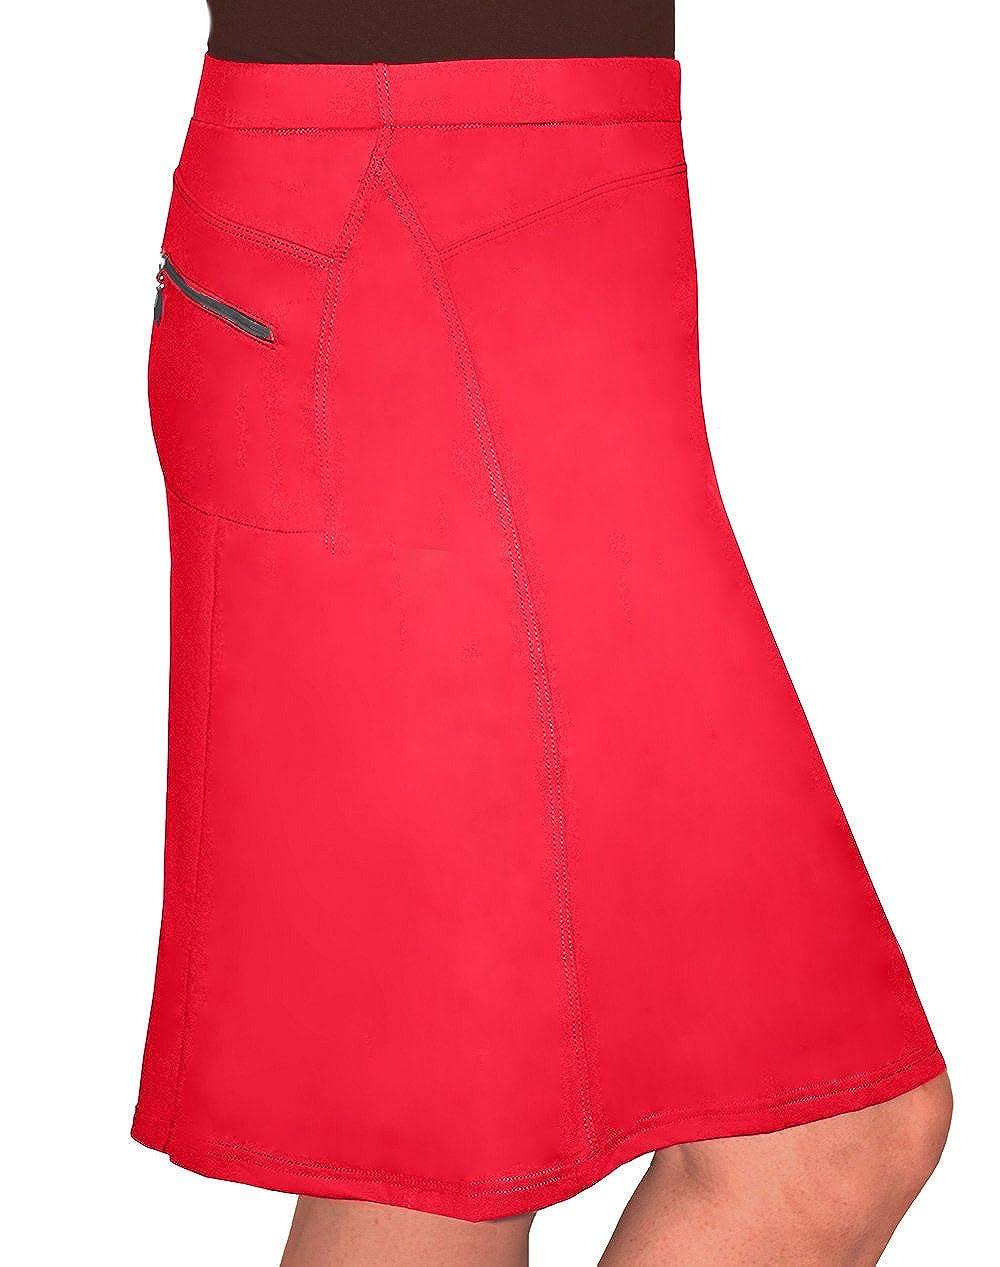 Kosher Casual Women's Modest Knee-Length Swim & Sport Skirt With Built-In Shorts - Skort Style 1475-AXS-BK-$P